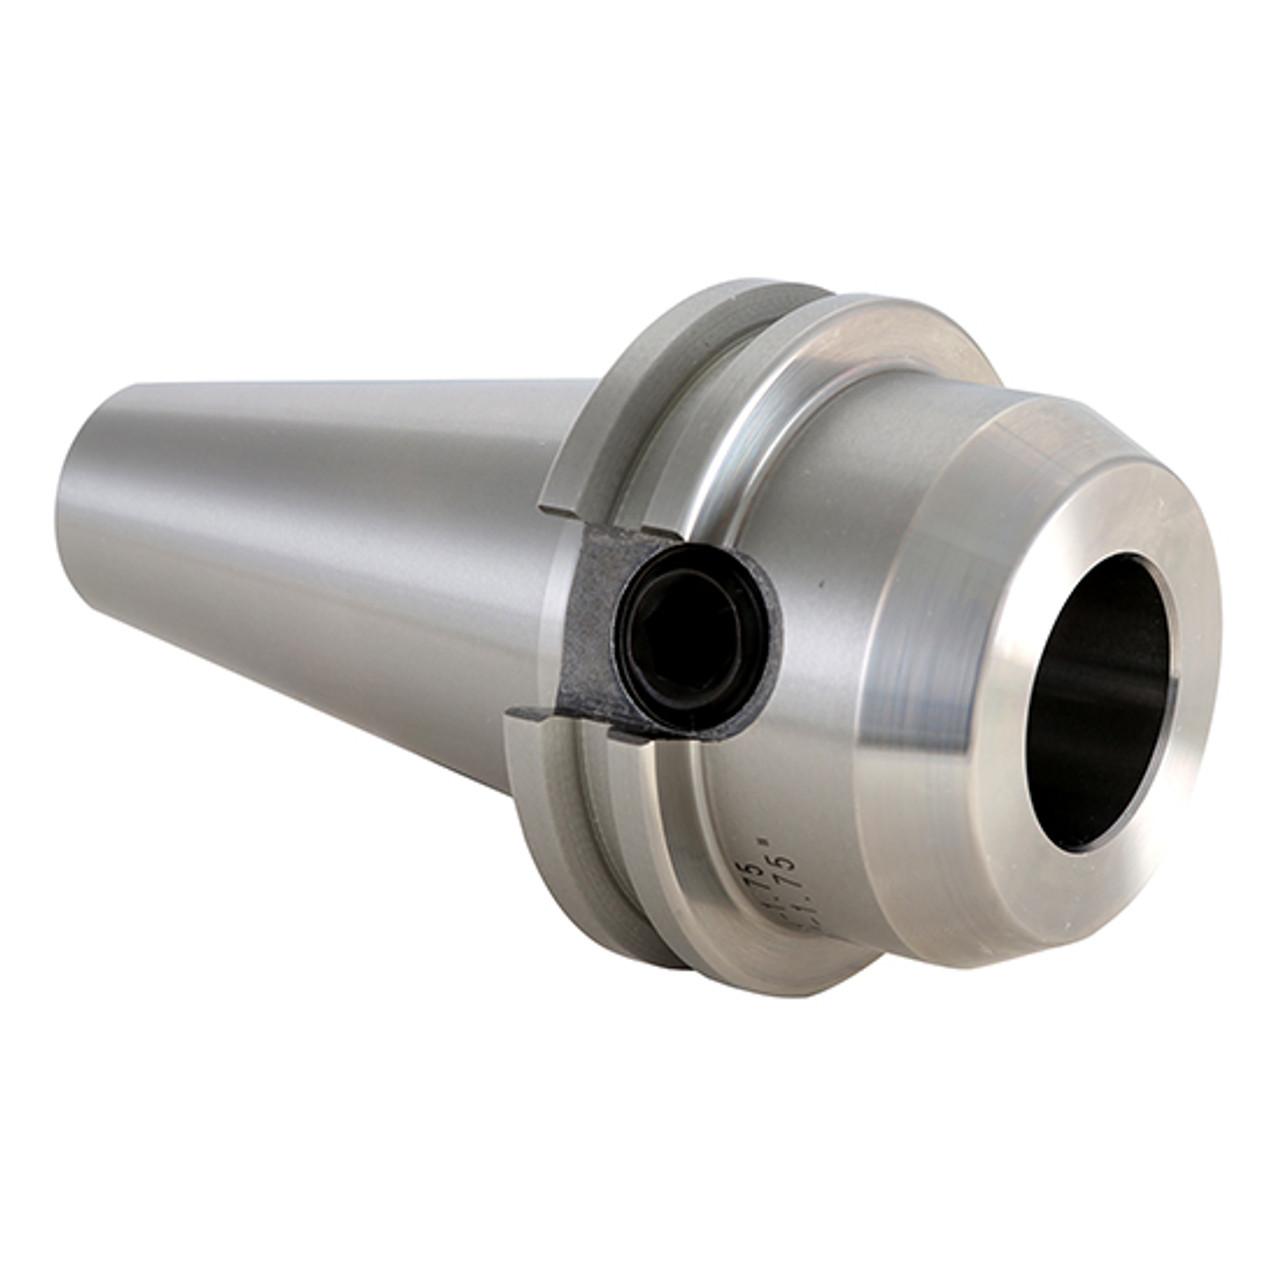 Techniks CAT40 7//8 Diameter x 3.5 End Mill Holder